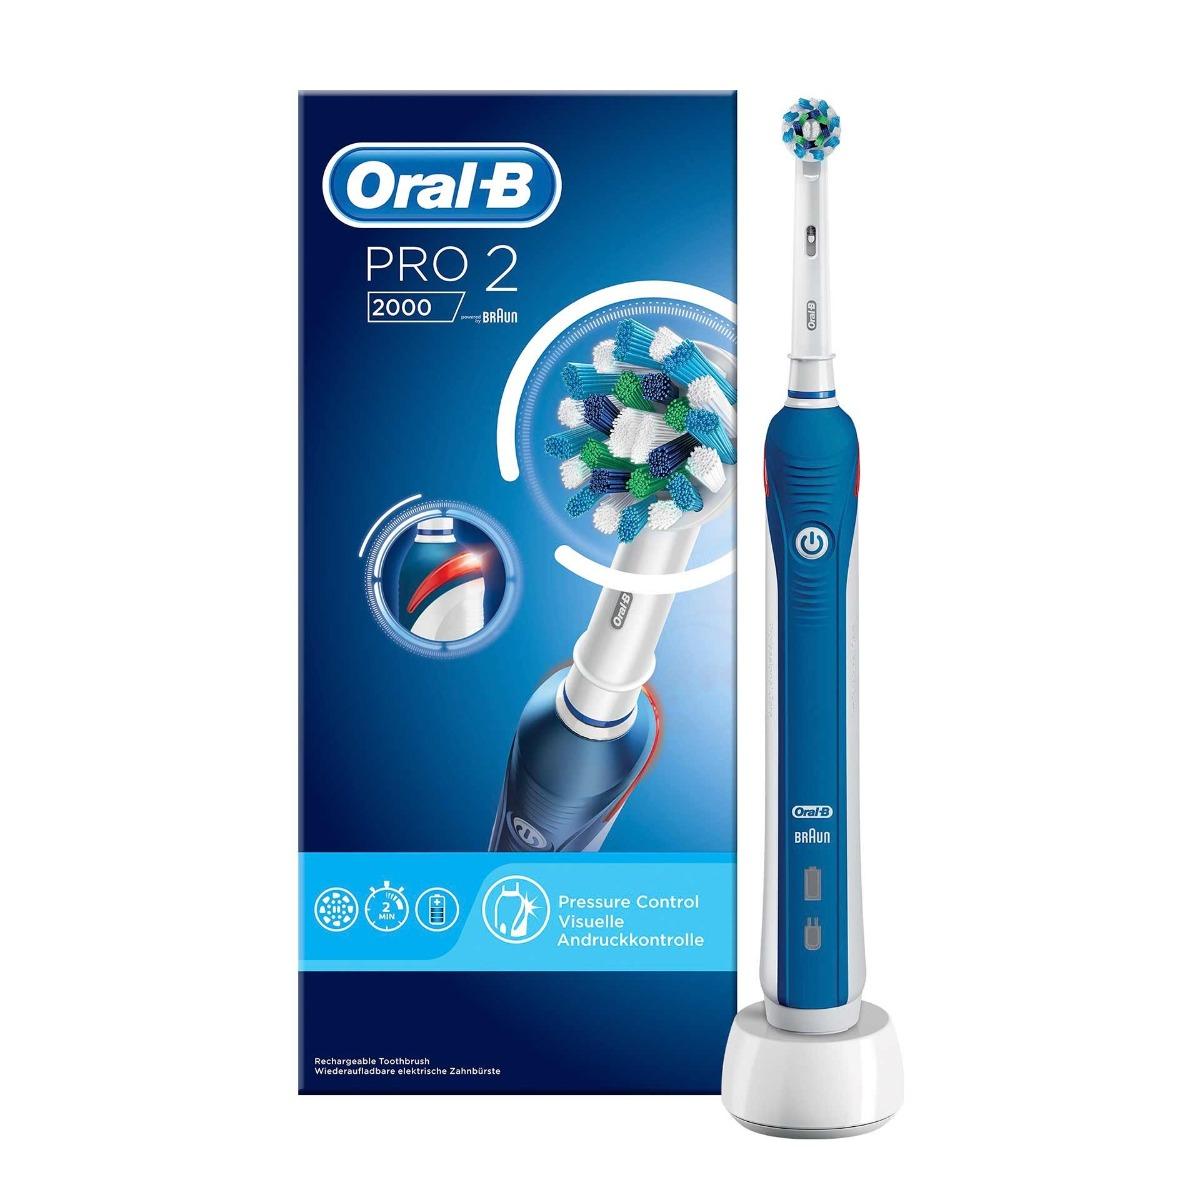 Periuta de dinti electrica PRO 2000 Cross Action, 1 bucata, Oral-B imagine drmax.ro